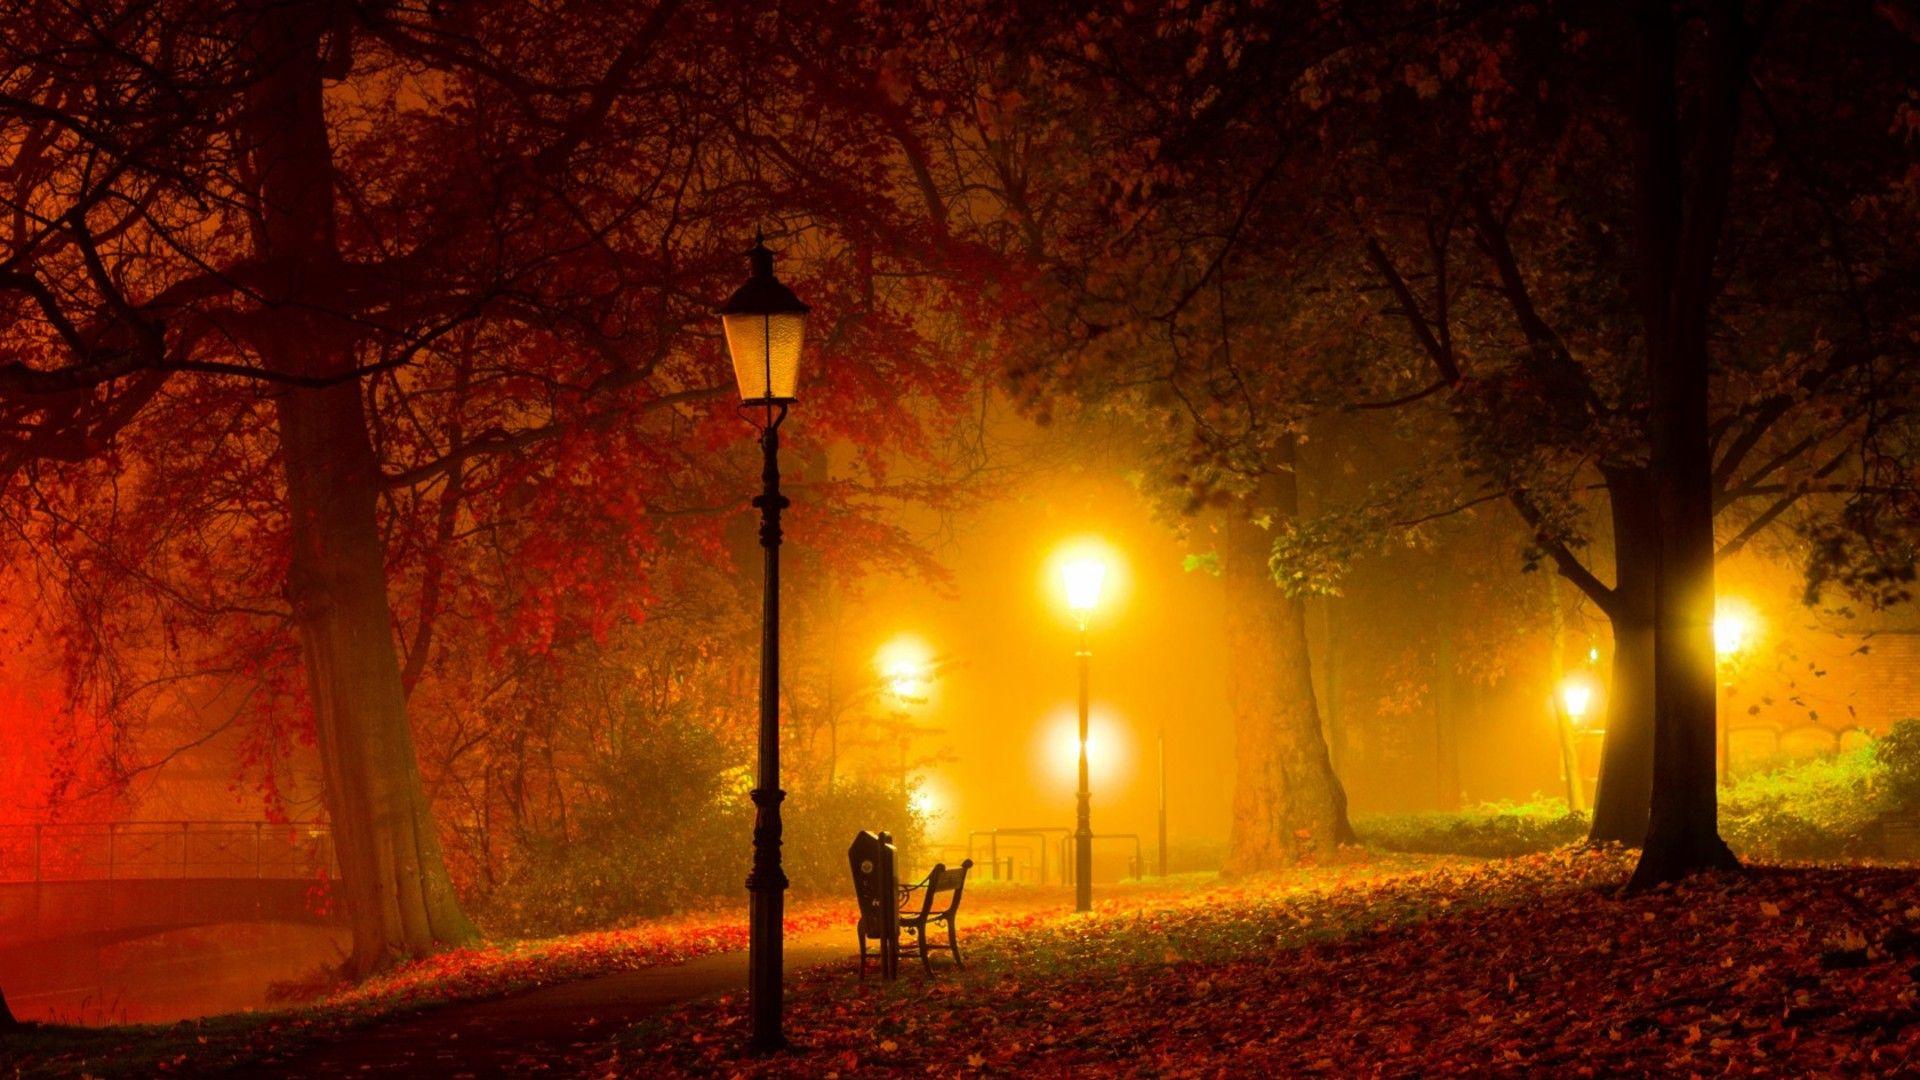 Image result for warm lights image